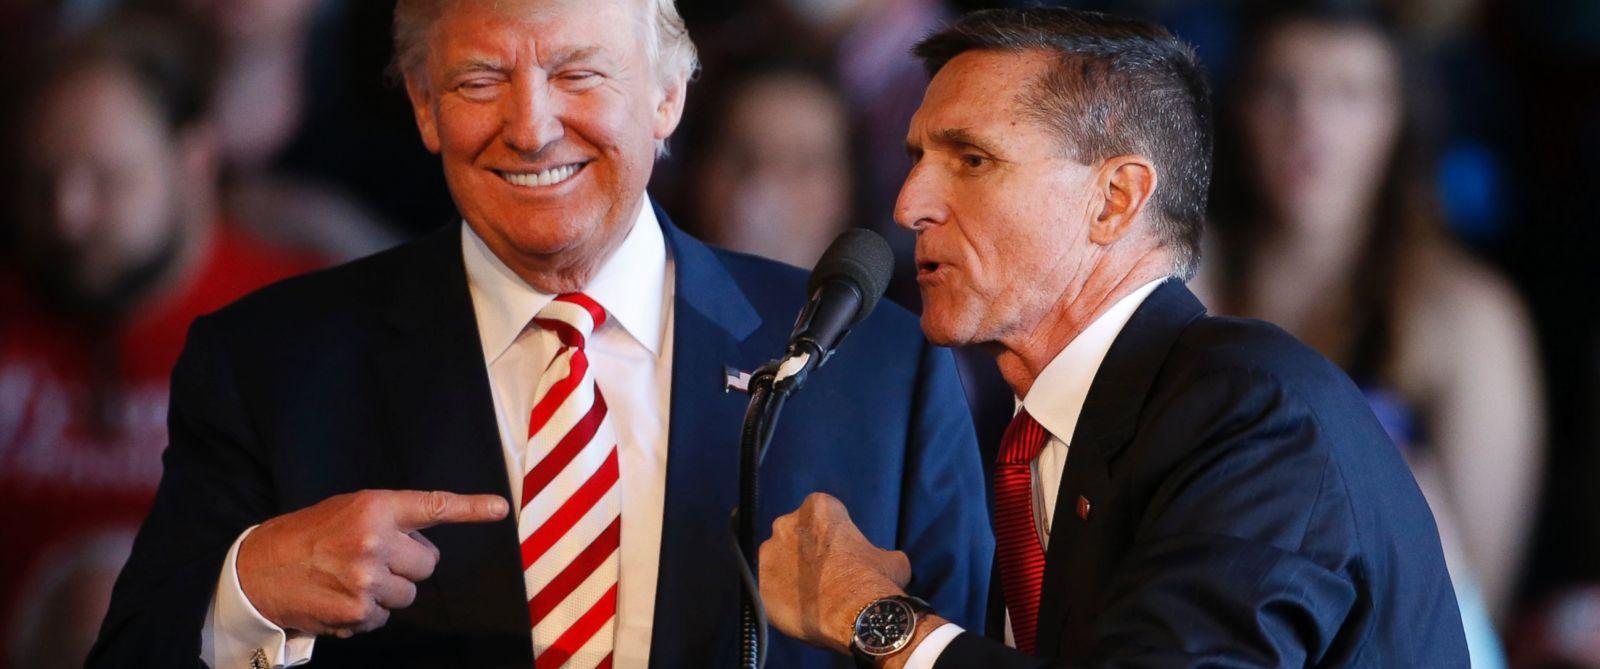 Vocero revela que Trump le pidió la renuncia a Michael Flynn